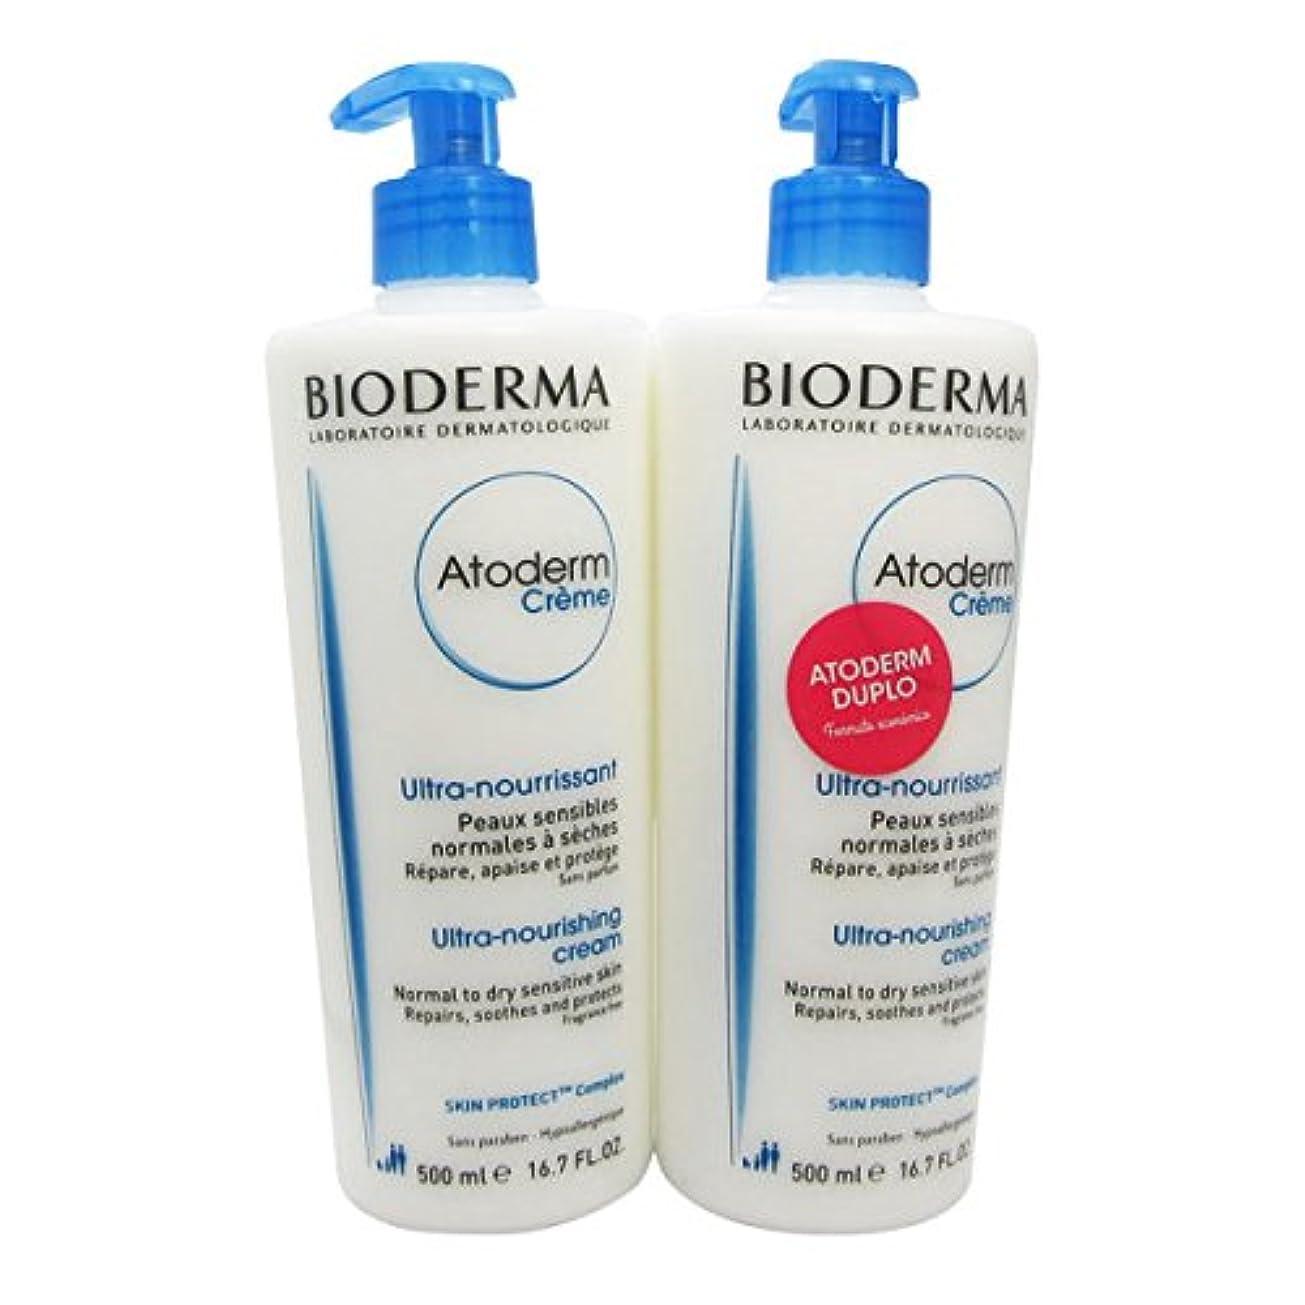 クランシー正しい回想Bioderma Atoderm Nourishing Cream 2x500ml [並行輸入品]